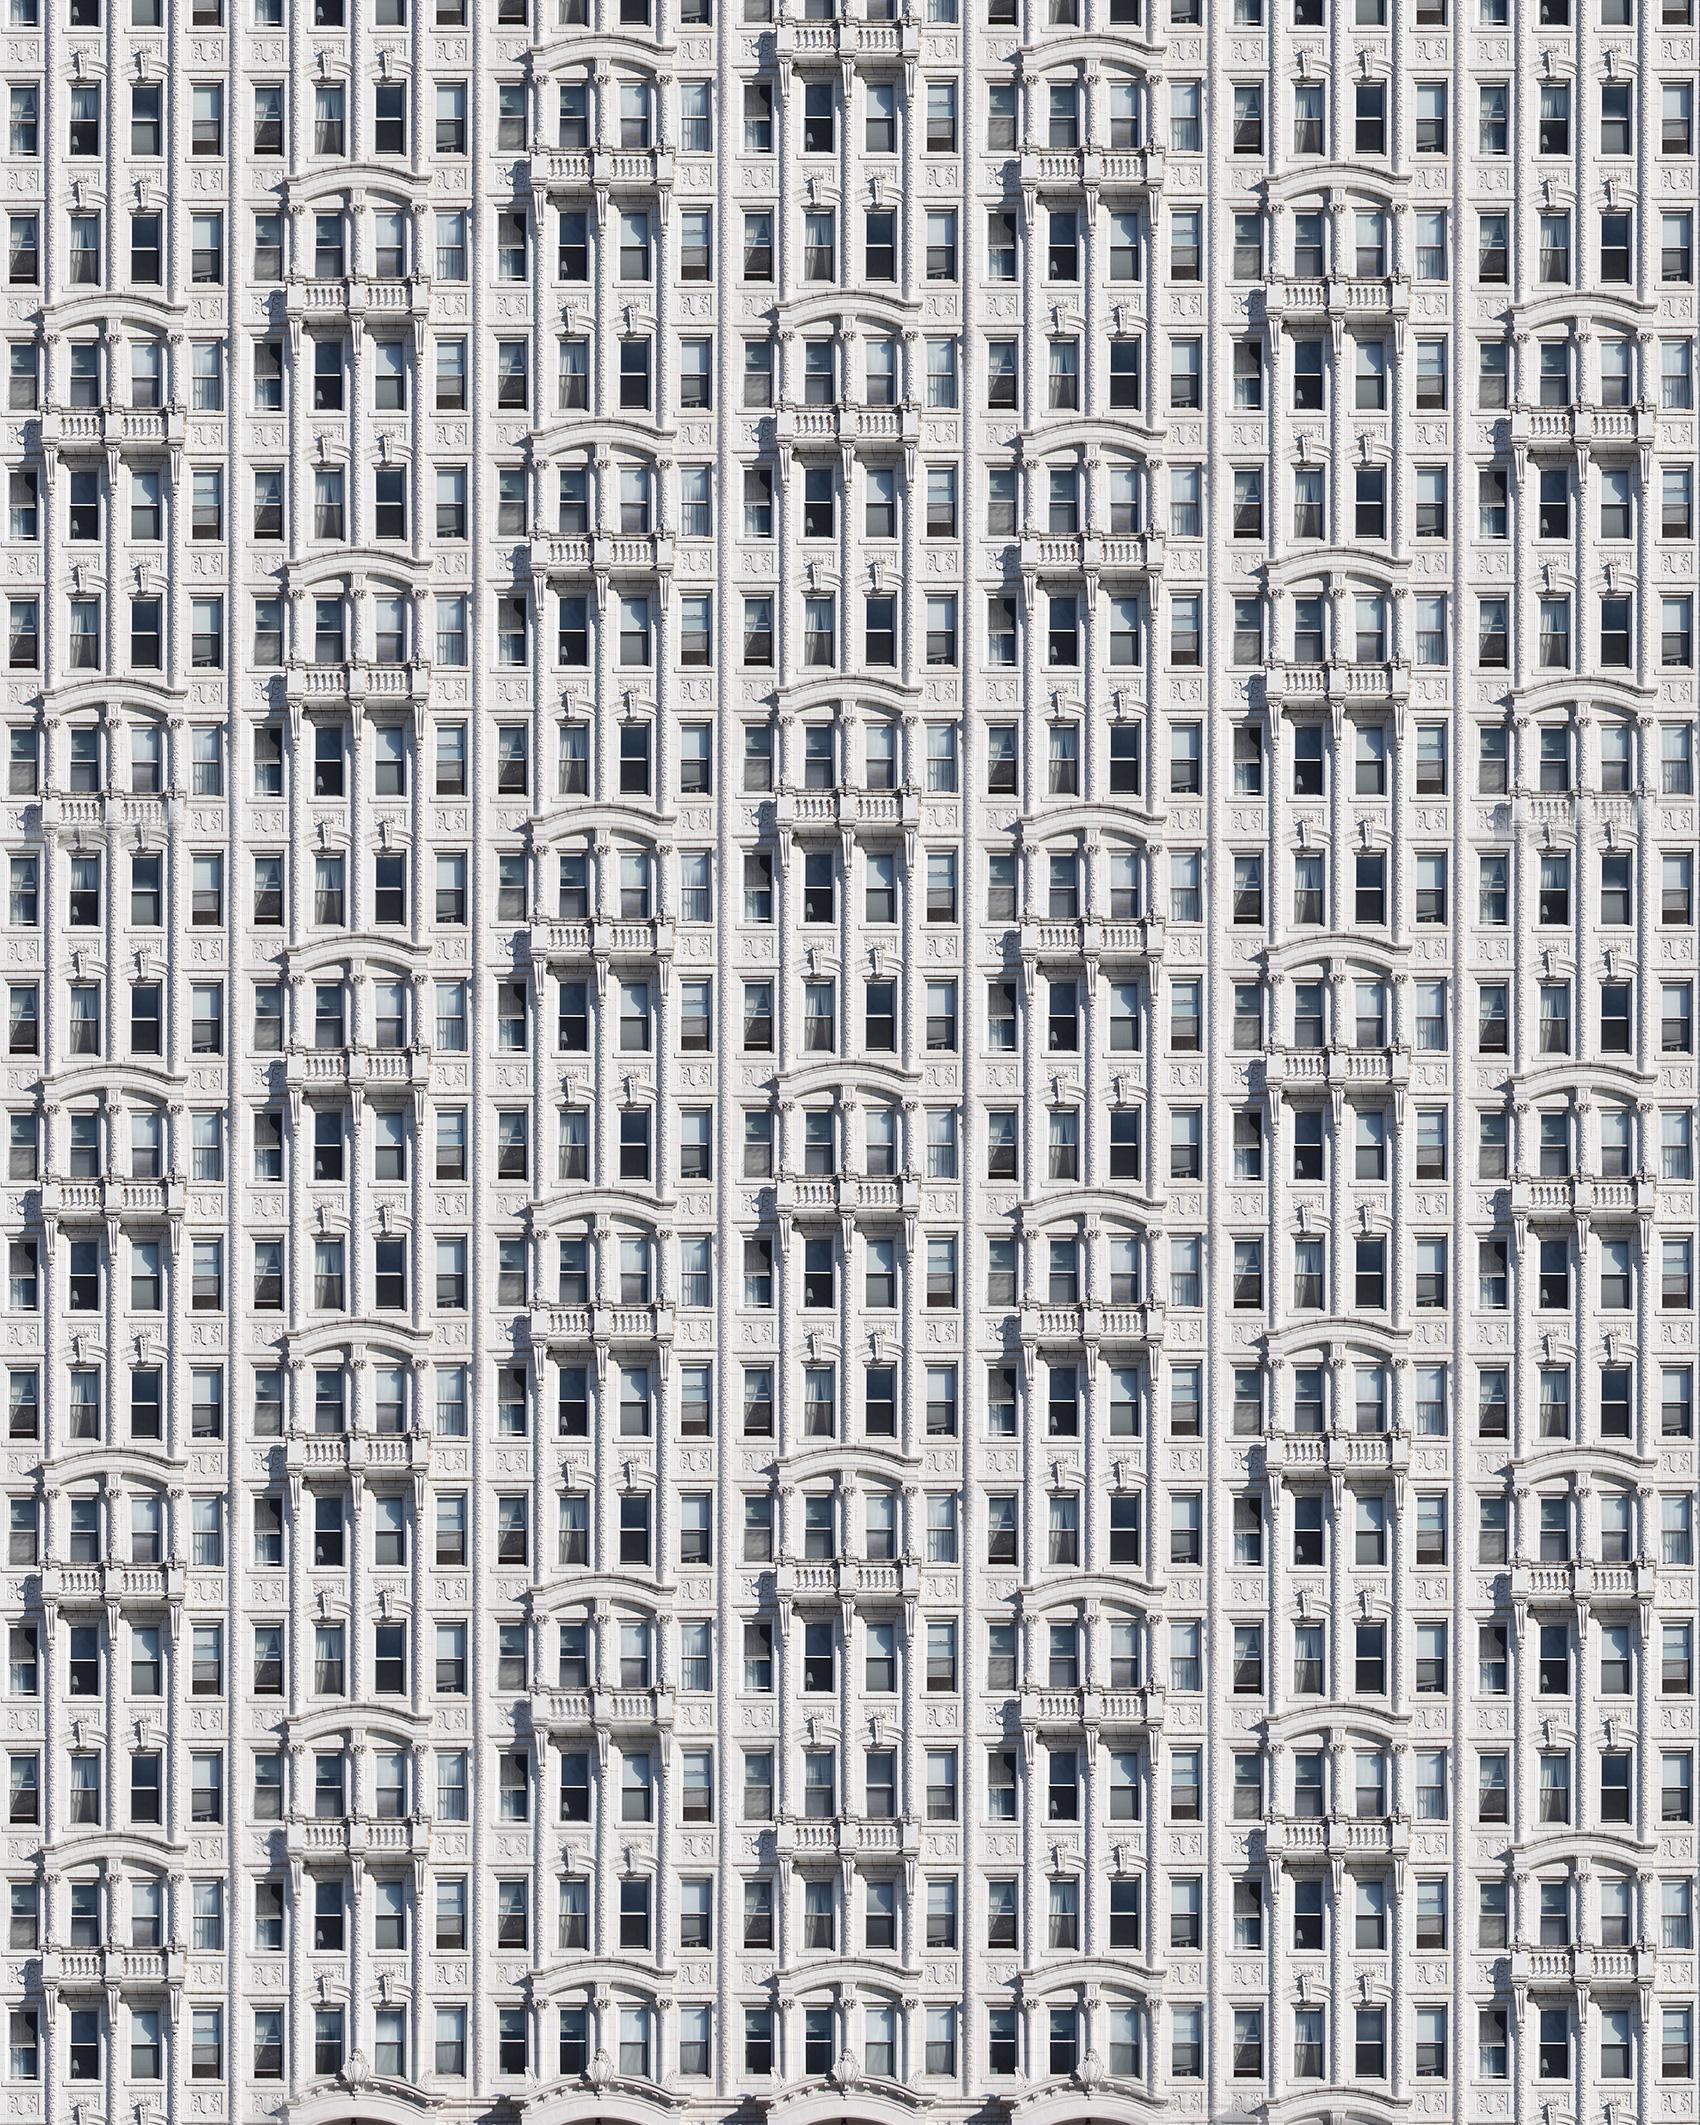 Le folli architetture di Eric Randall Morris | Collater.al 5